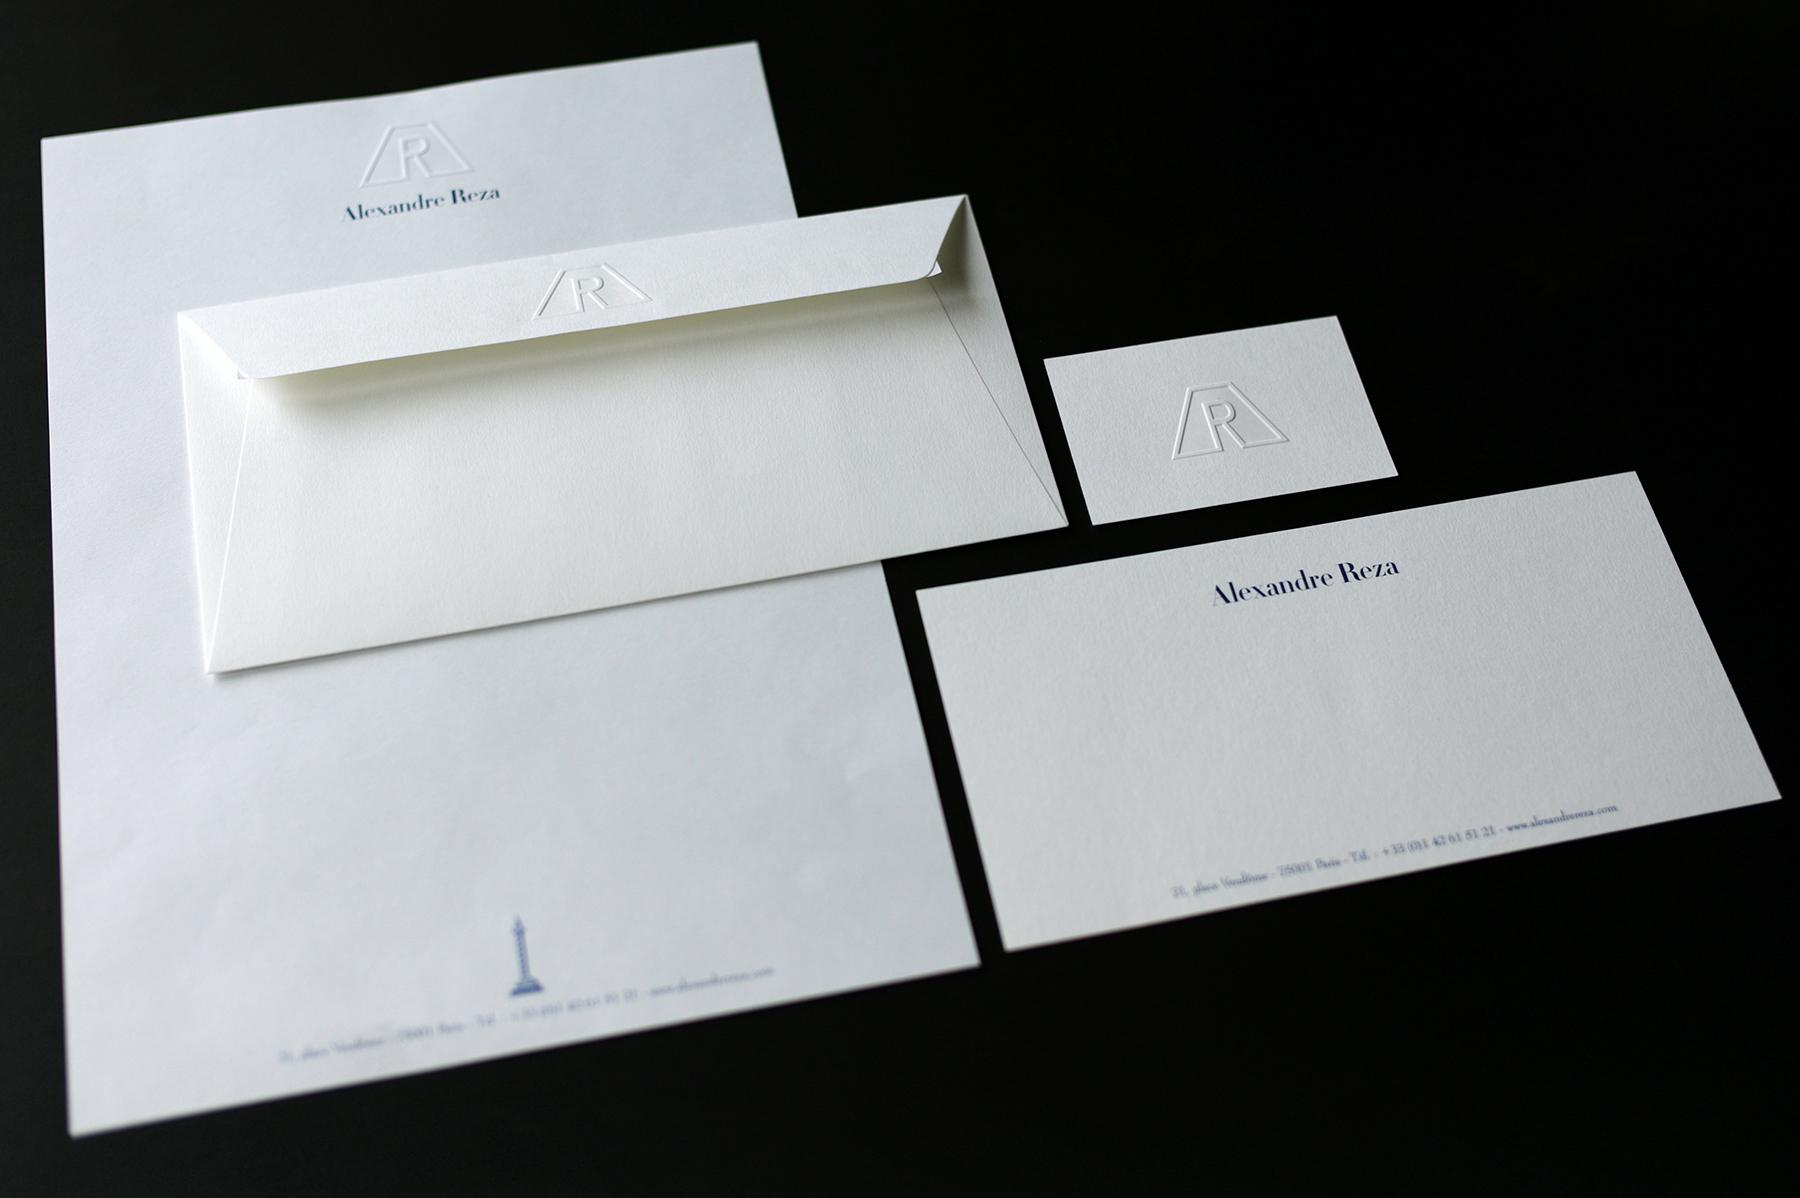 Création et fabrication de la papeterie Alexandre Reza